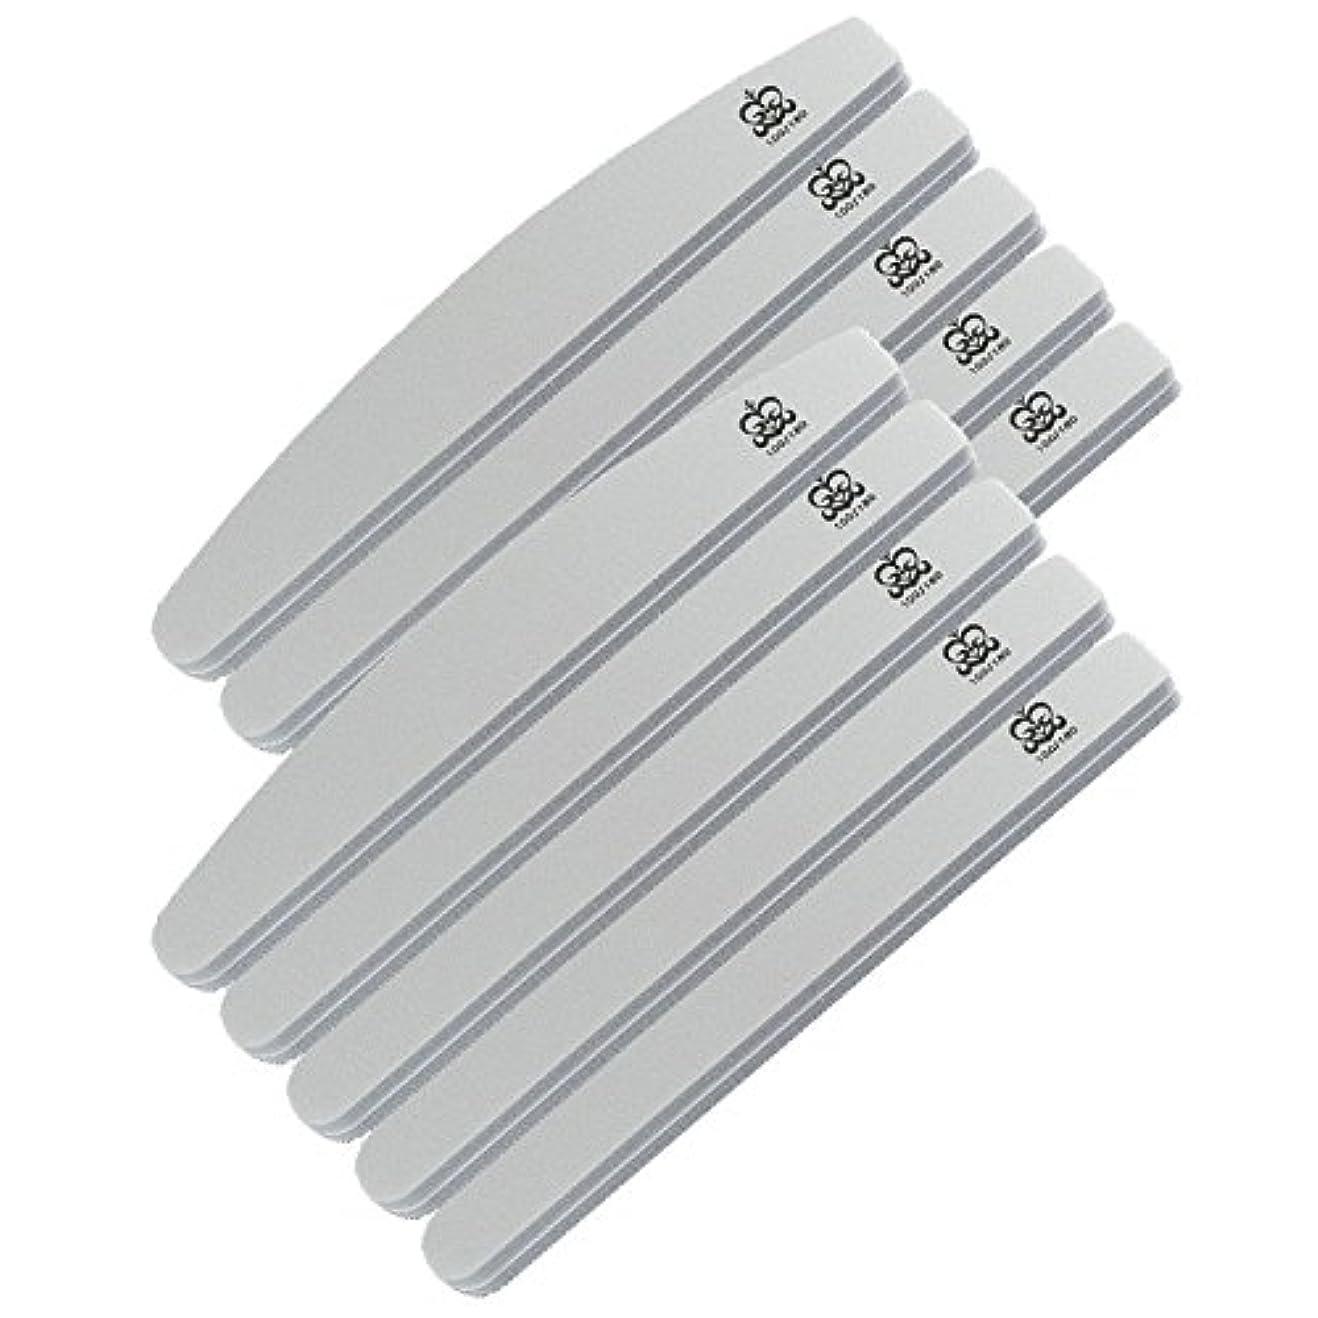 バッフルメイン緊急ミクレア(MICREA) ミクレア プロフェッショナルスポンジファイル バリューパック ムーン型 100/180 10本入